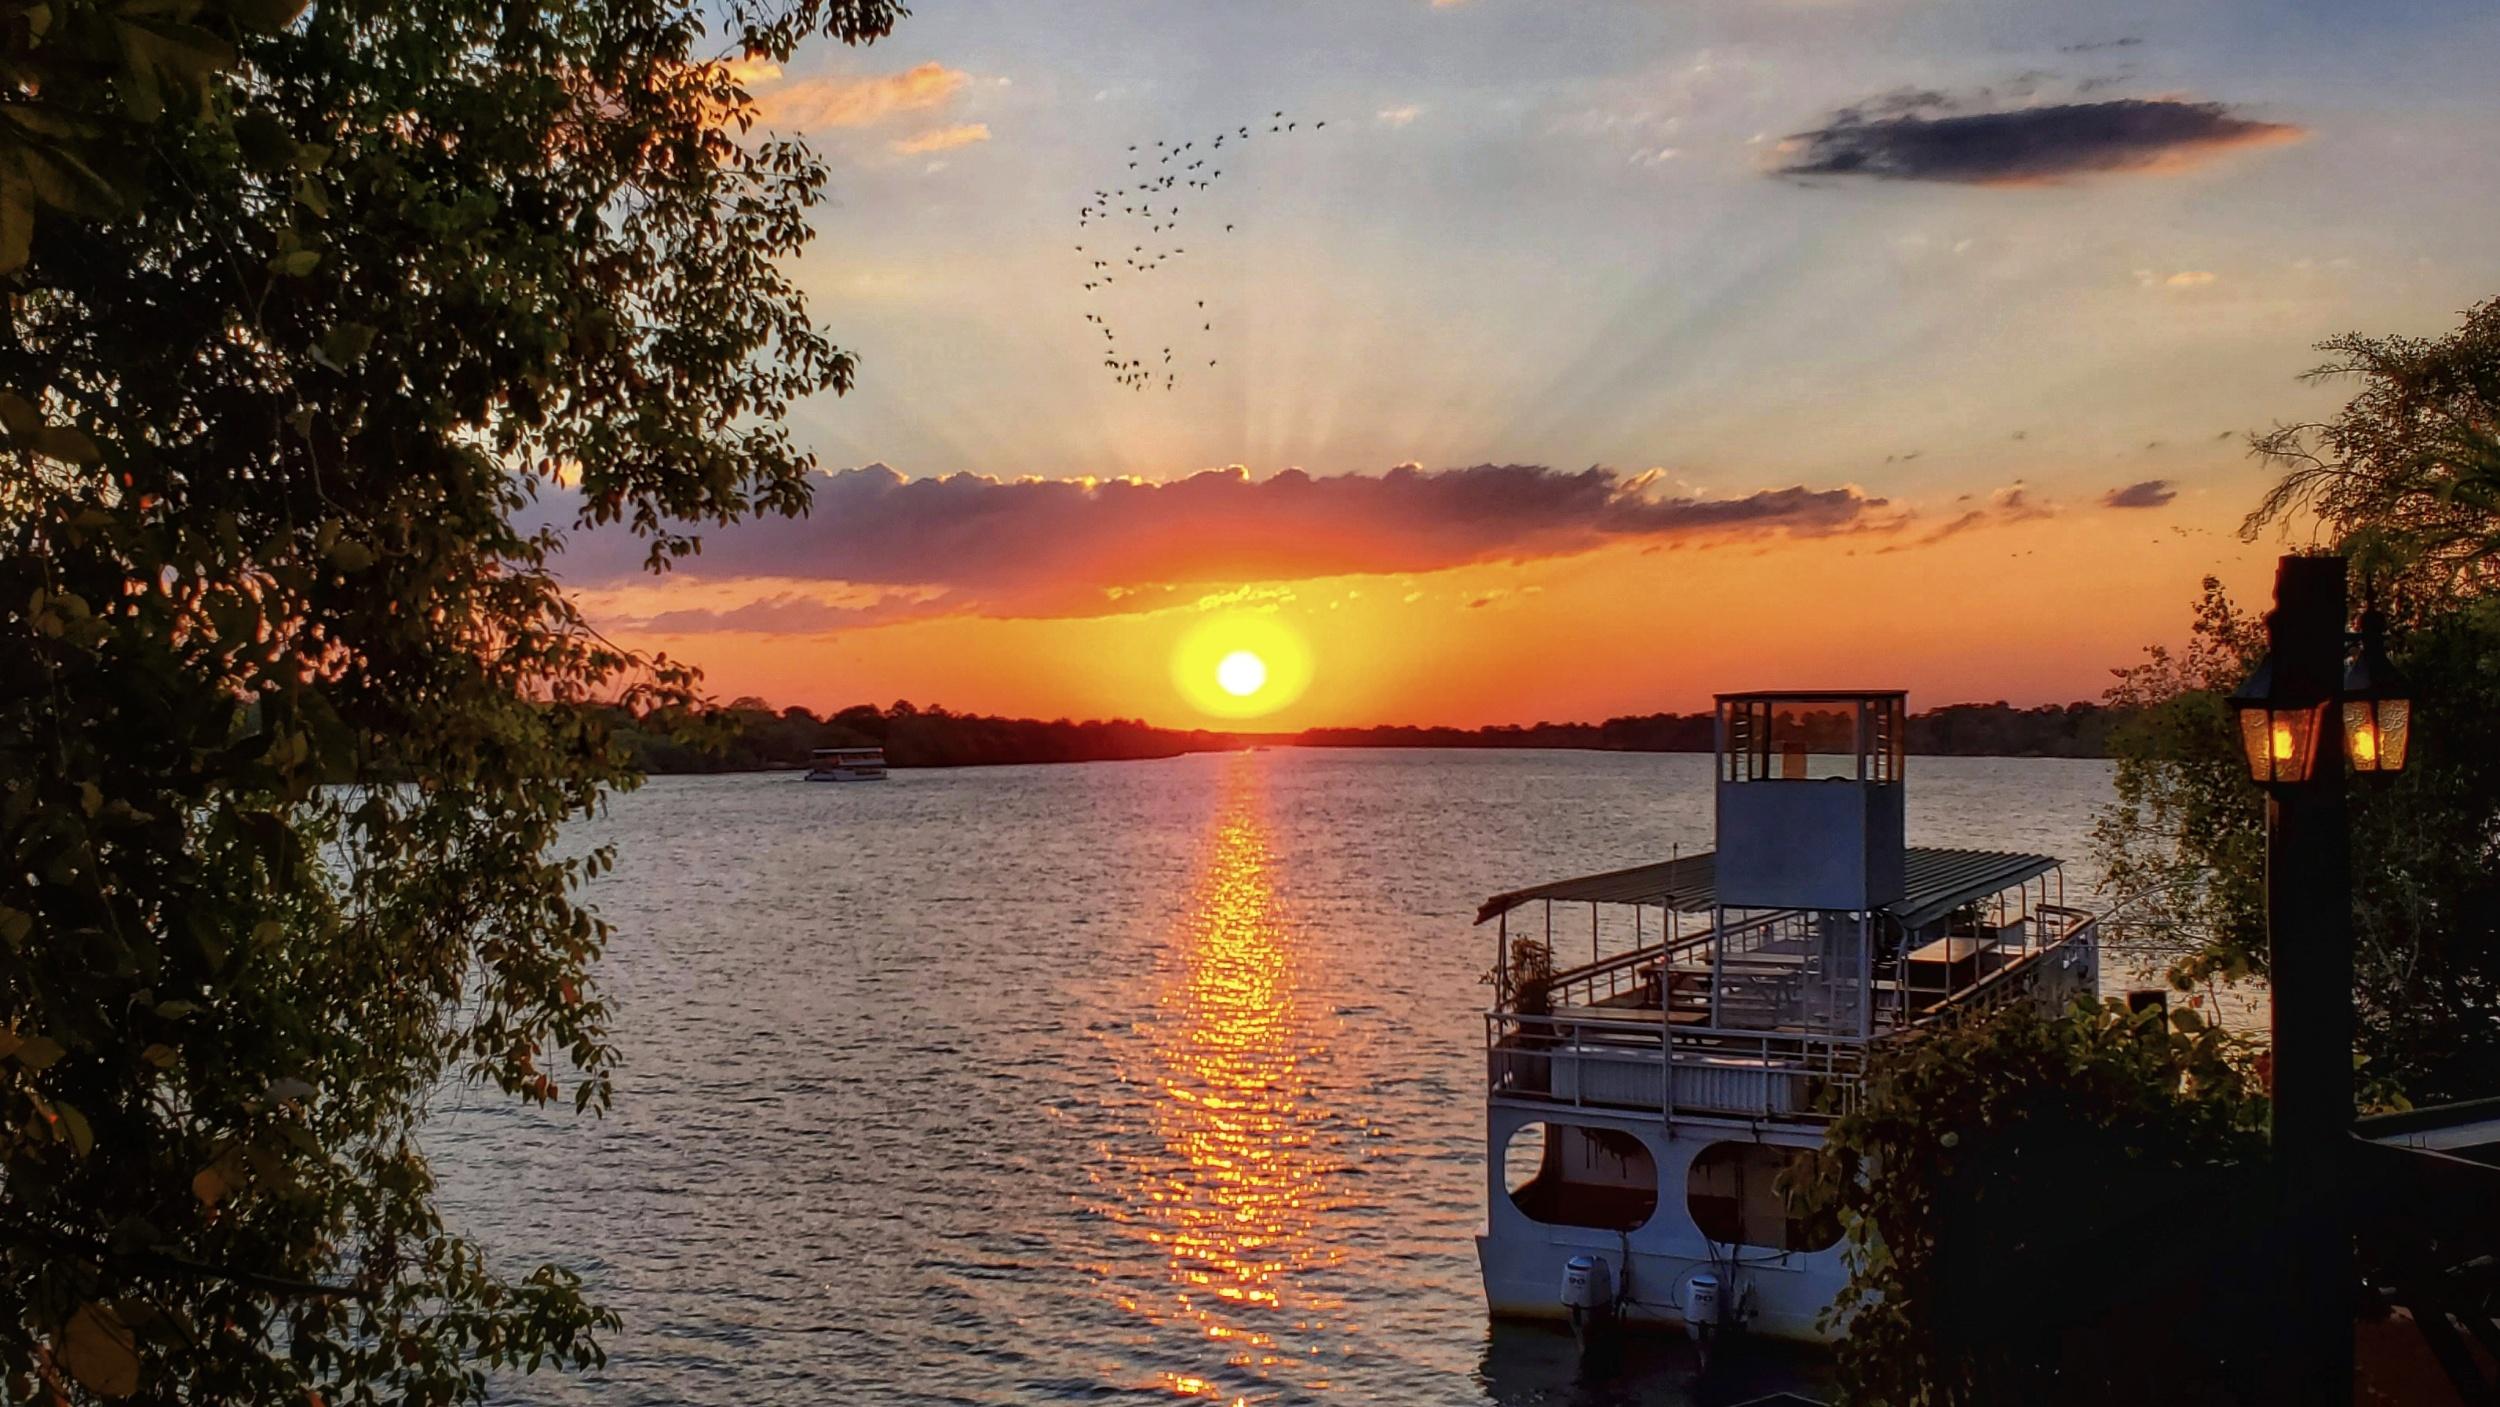 Sunset on the zambezi river in Livingstone, Zambia